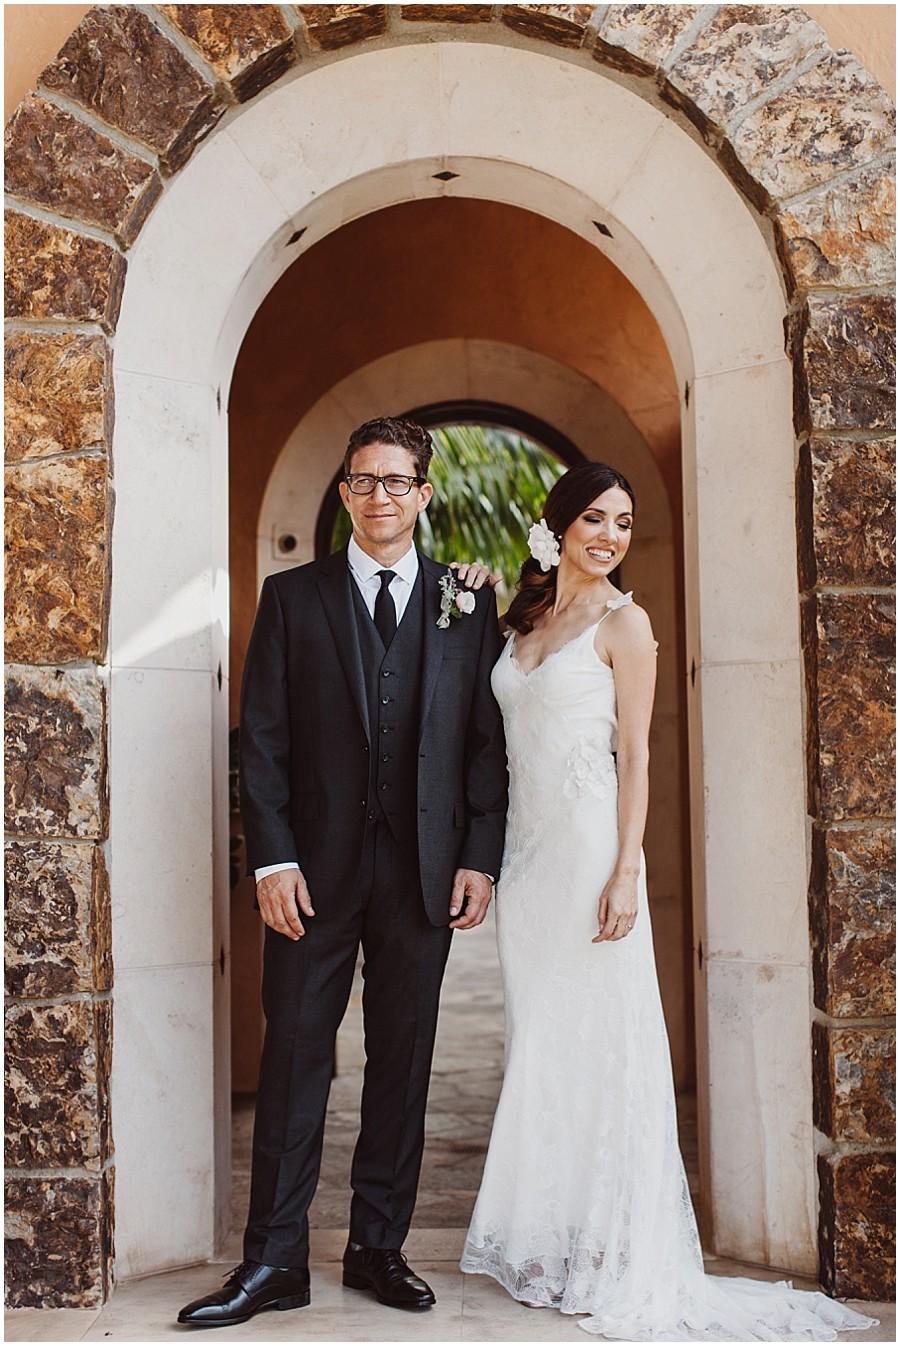 Paul+Gina_stevecowellphoto_0020.jpg